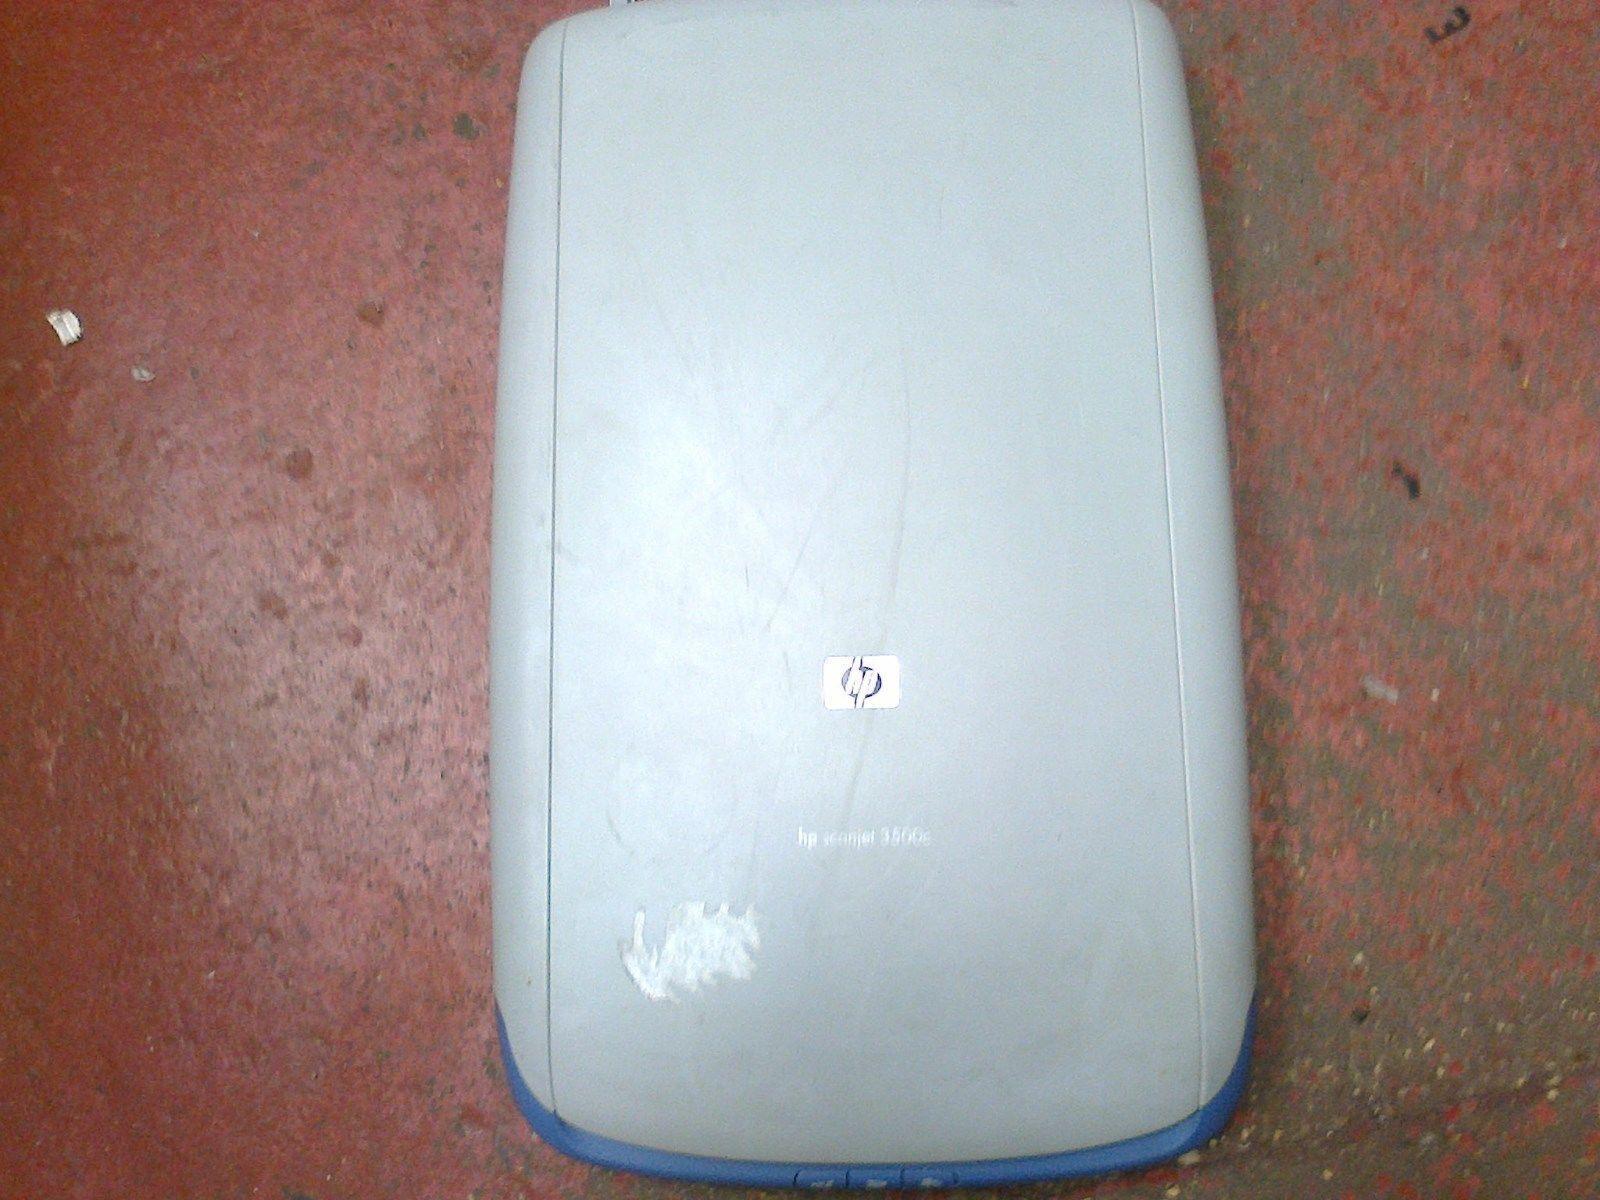 Hp Scanjet 3500c Flatbed Scanner Ebay Plustek Opticslim 1180